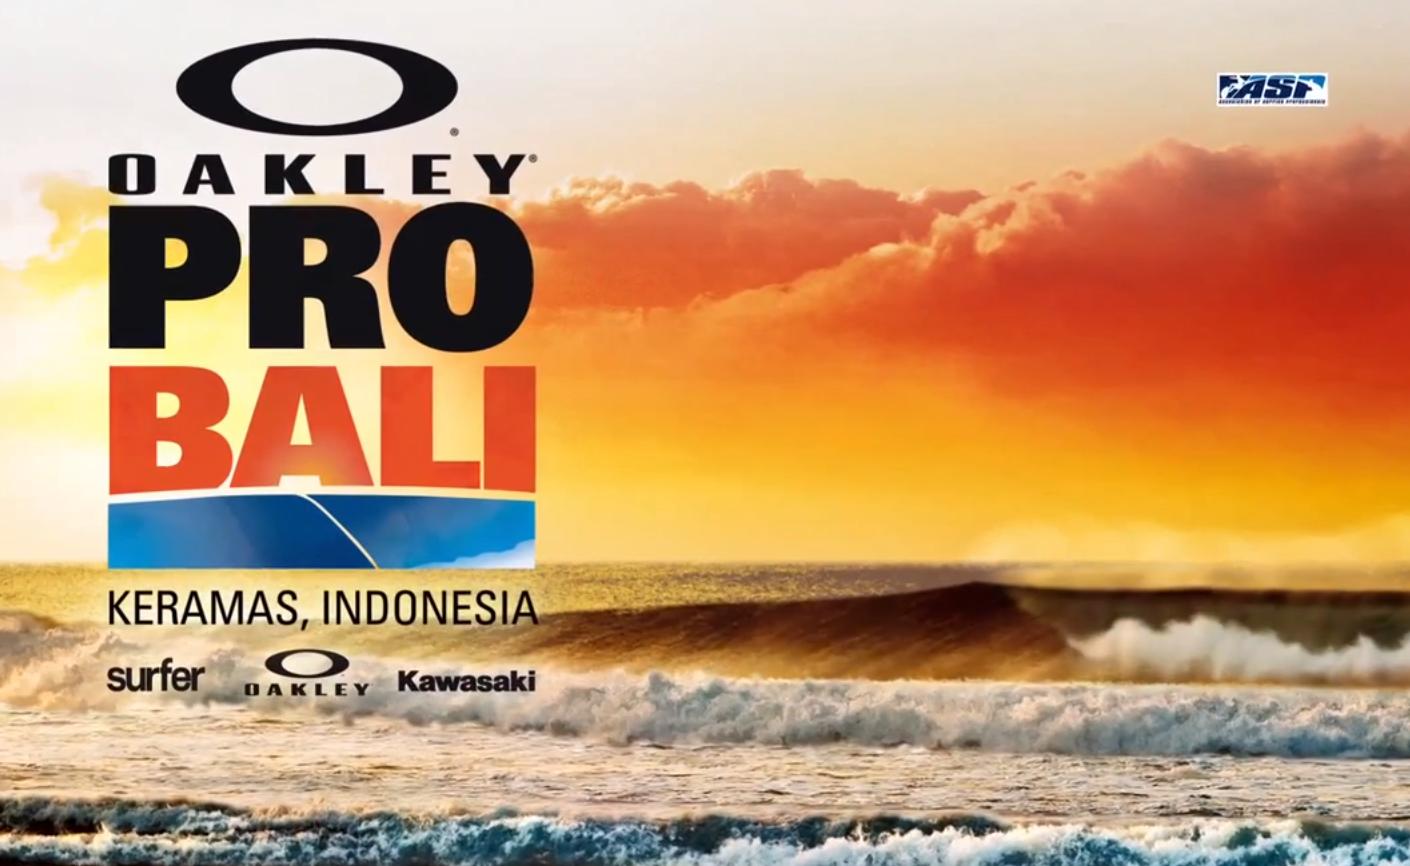 Ein Ausflug nach Bali mit den Highlights des Oakley Pro Bali Day 8